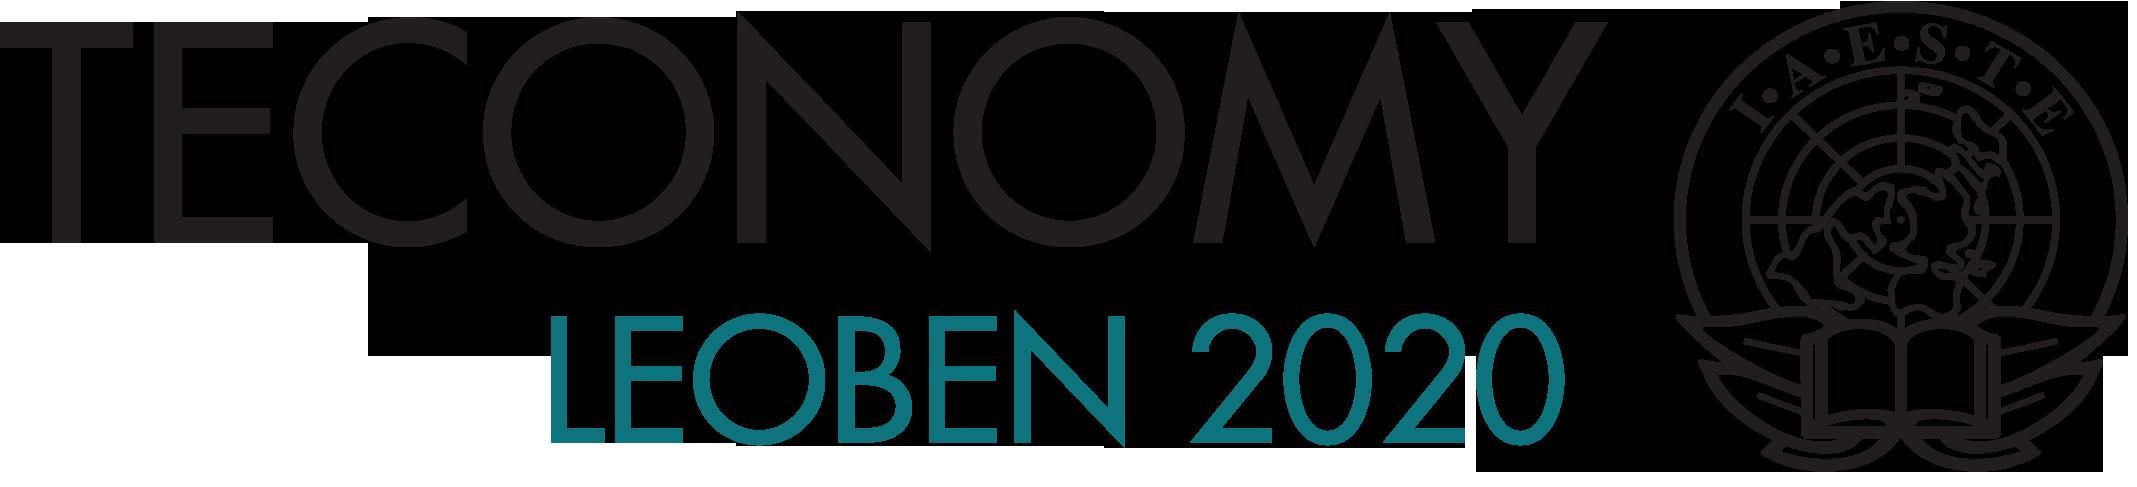 TECONOMY Leoben 2020